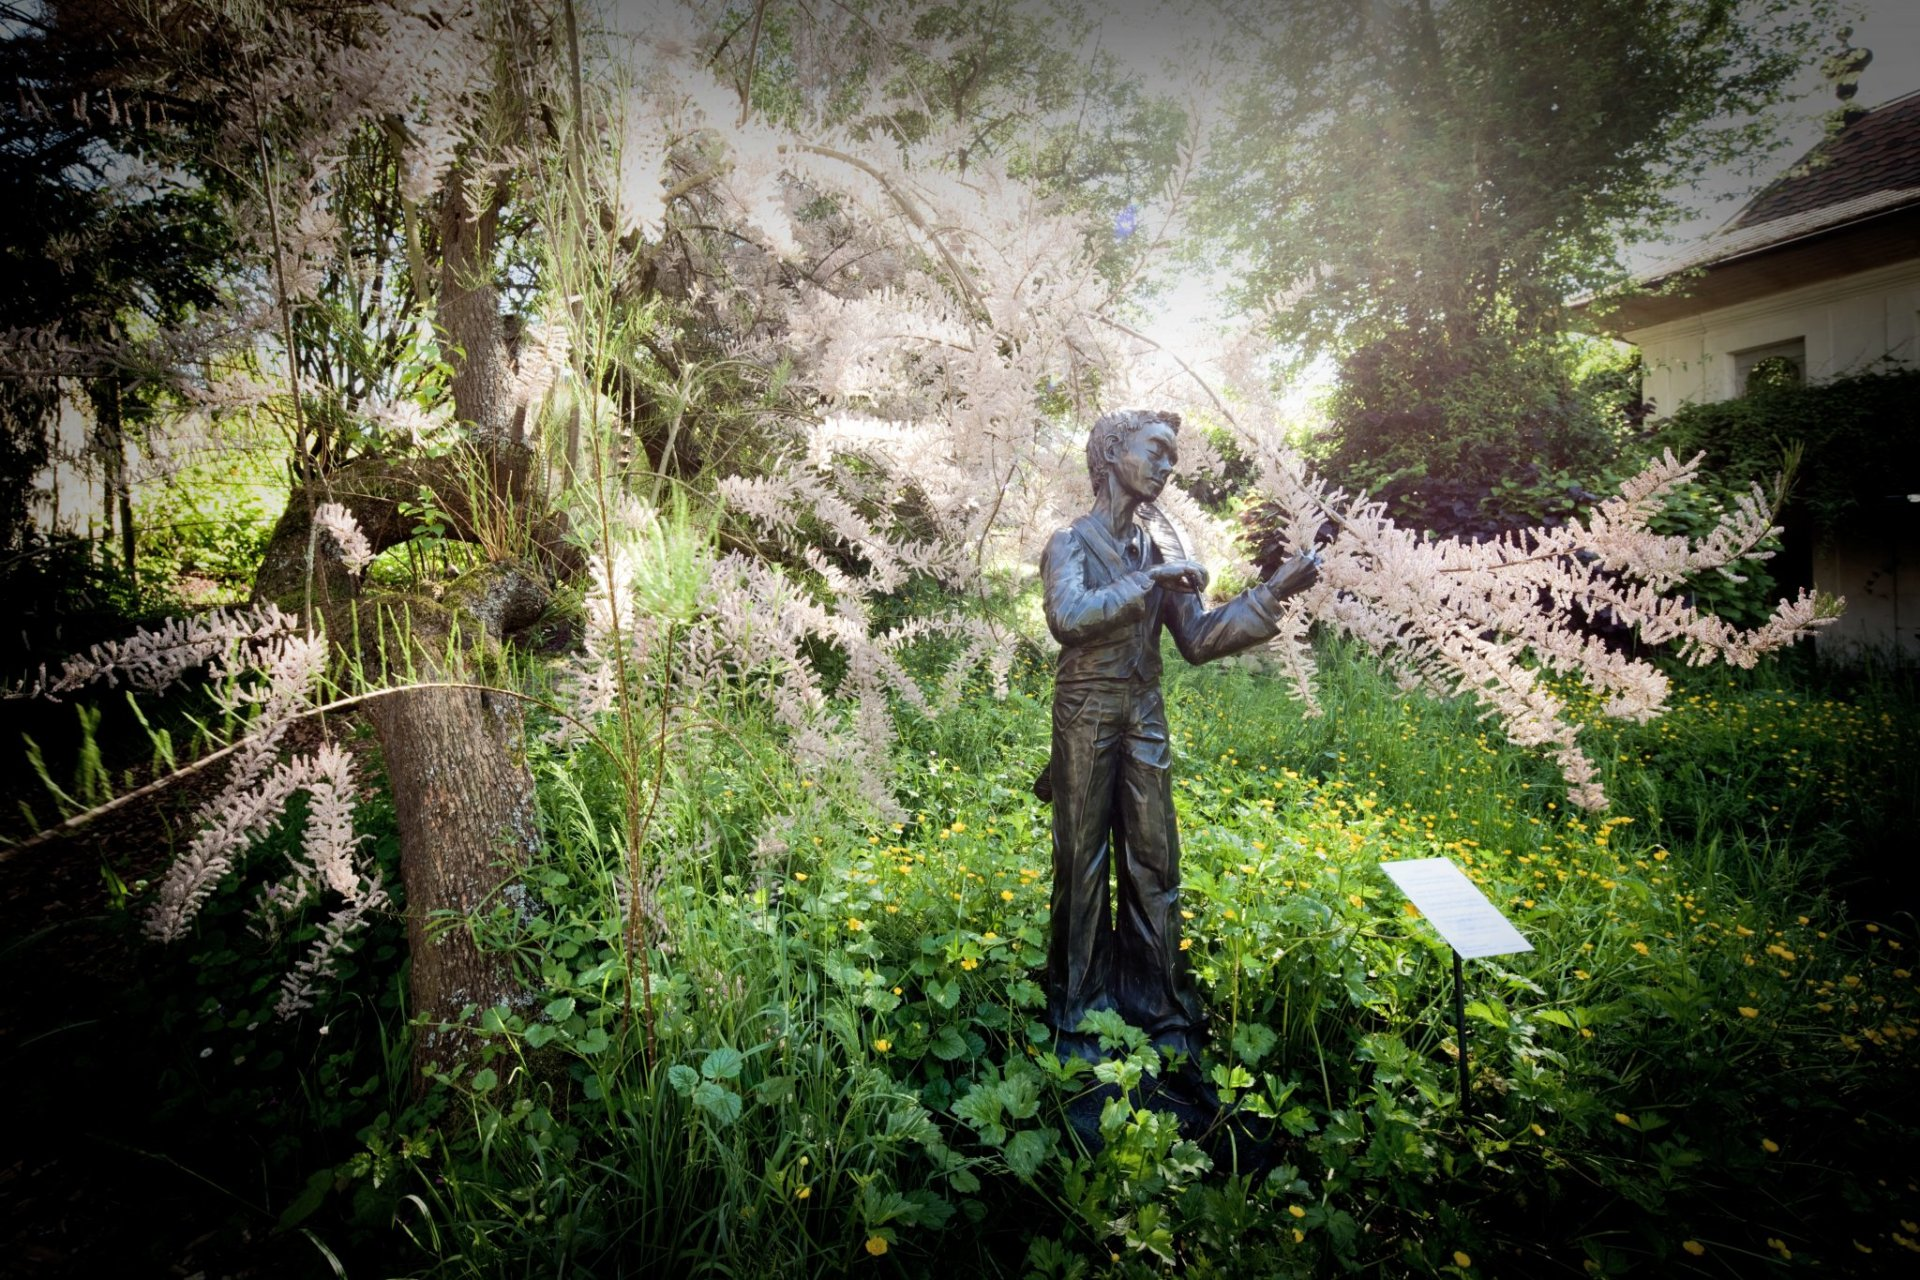 secret_garden_jardins_à_thèmes_regiscolombo